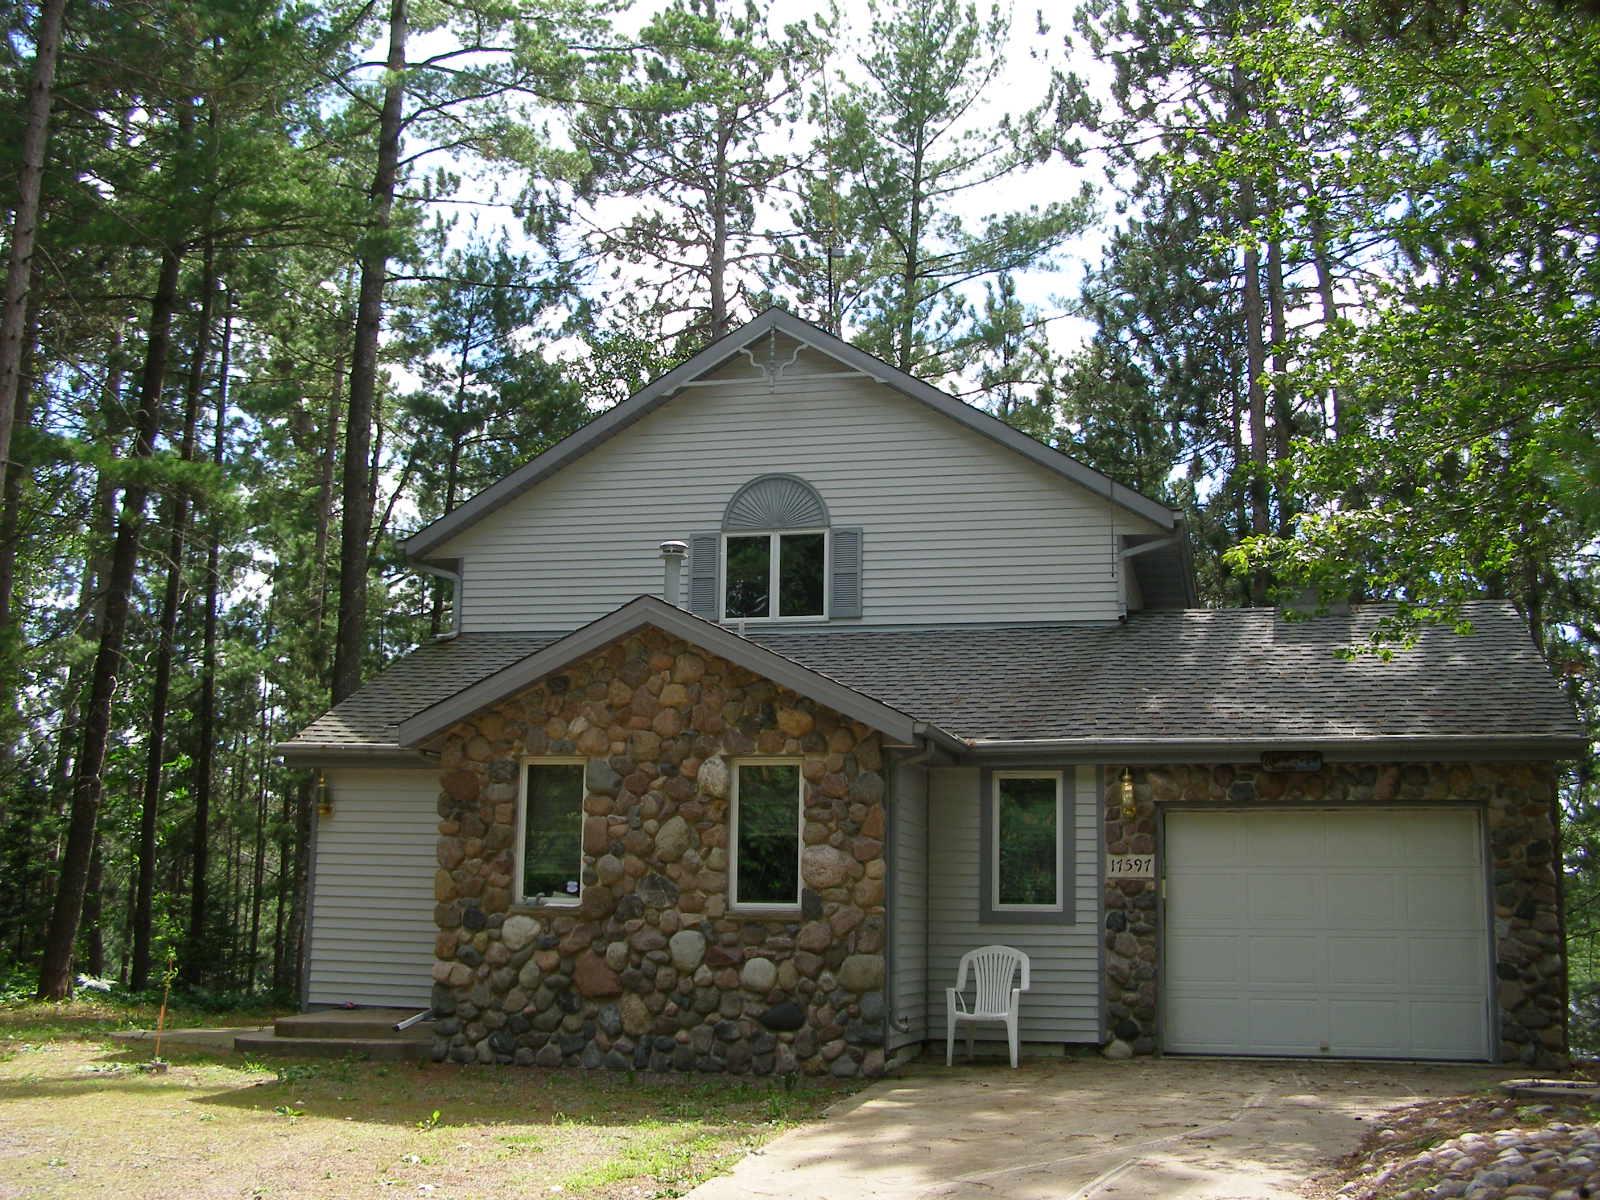 17597 E. Wheeler Lake Lane, Lakewood, Wisconsin 54138